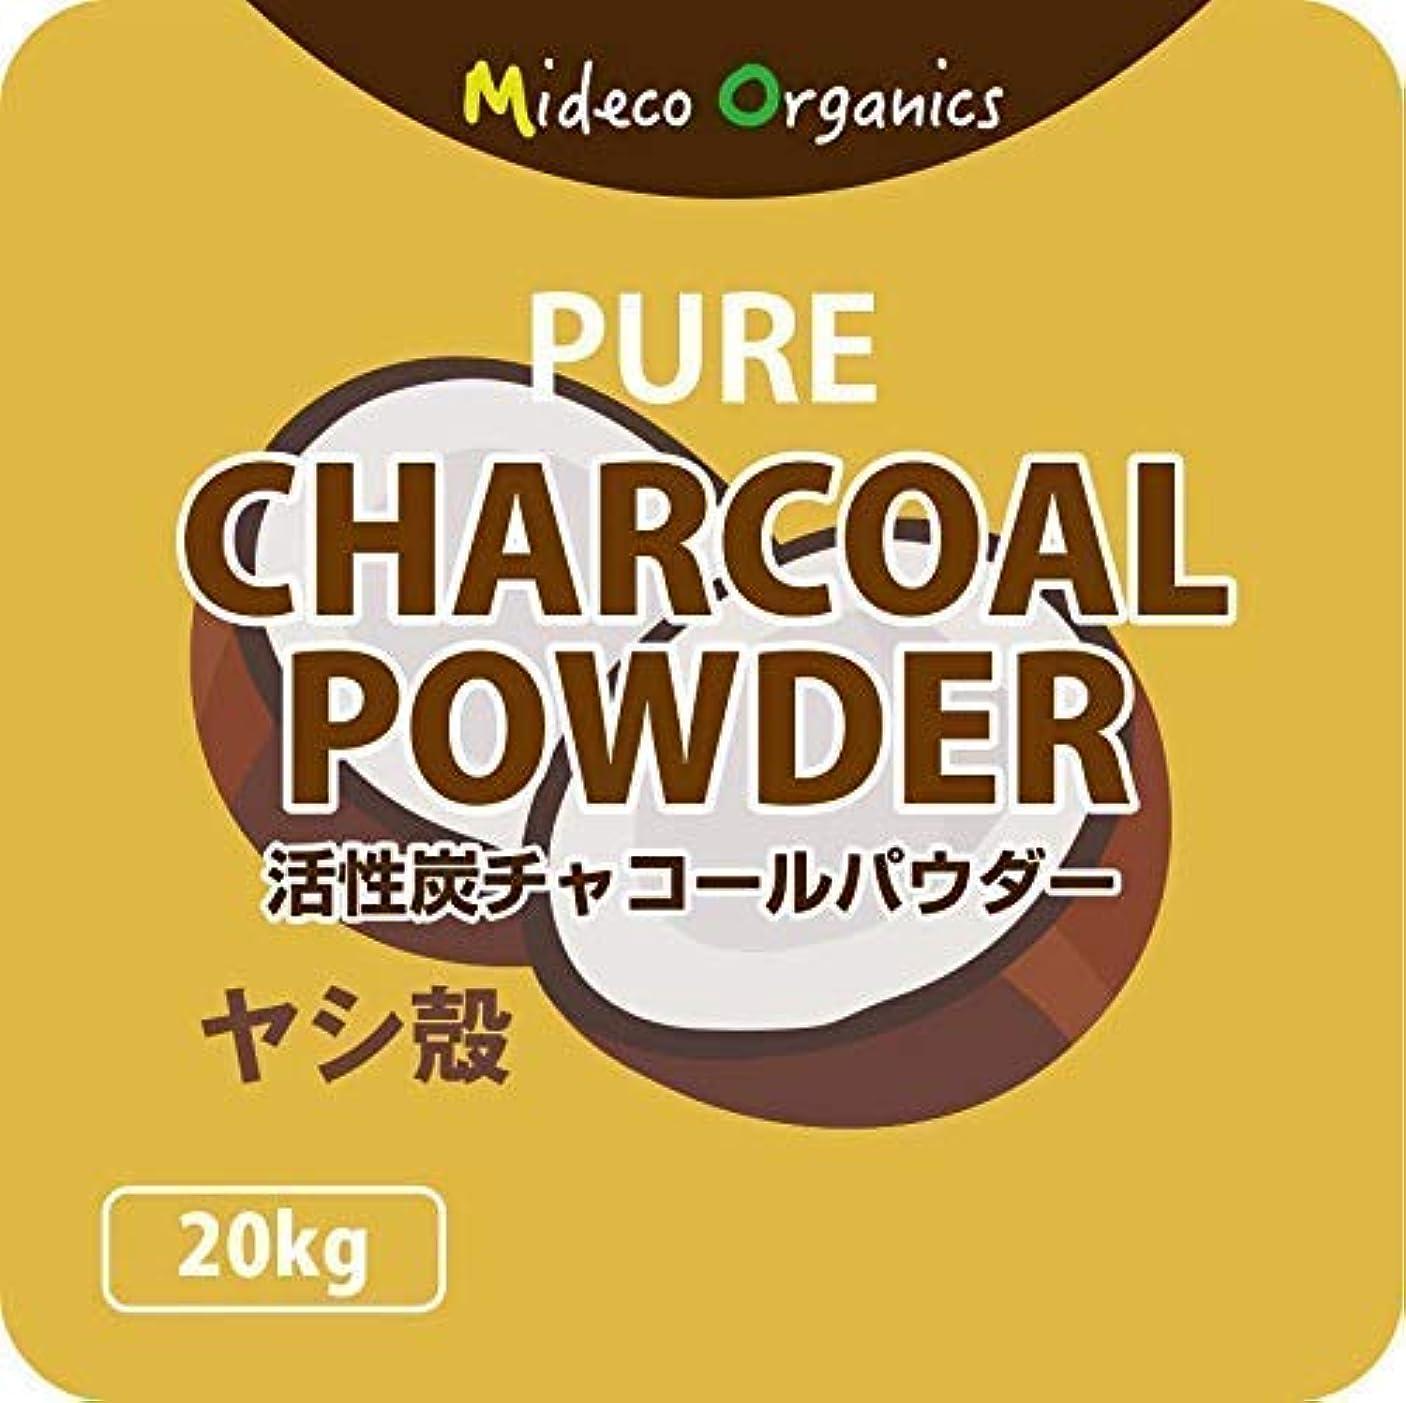 住人日追い払う活性炭チャコールパウダー 食用 20kg